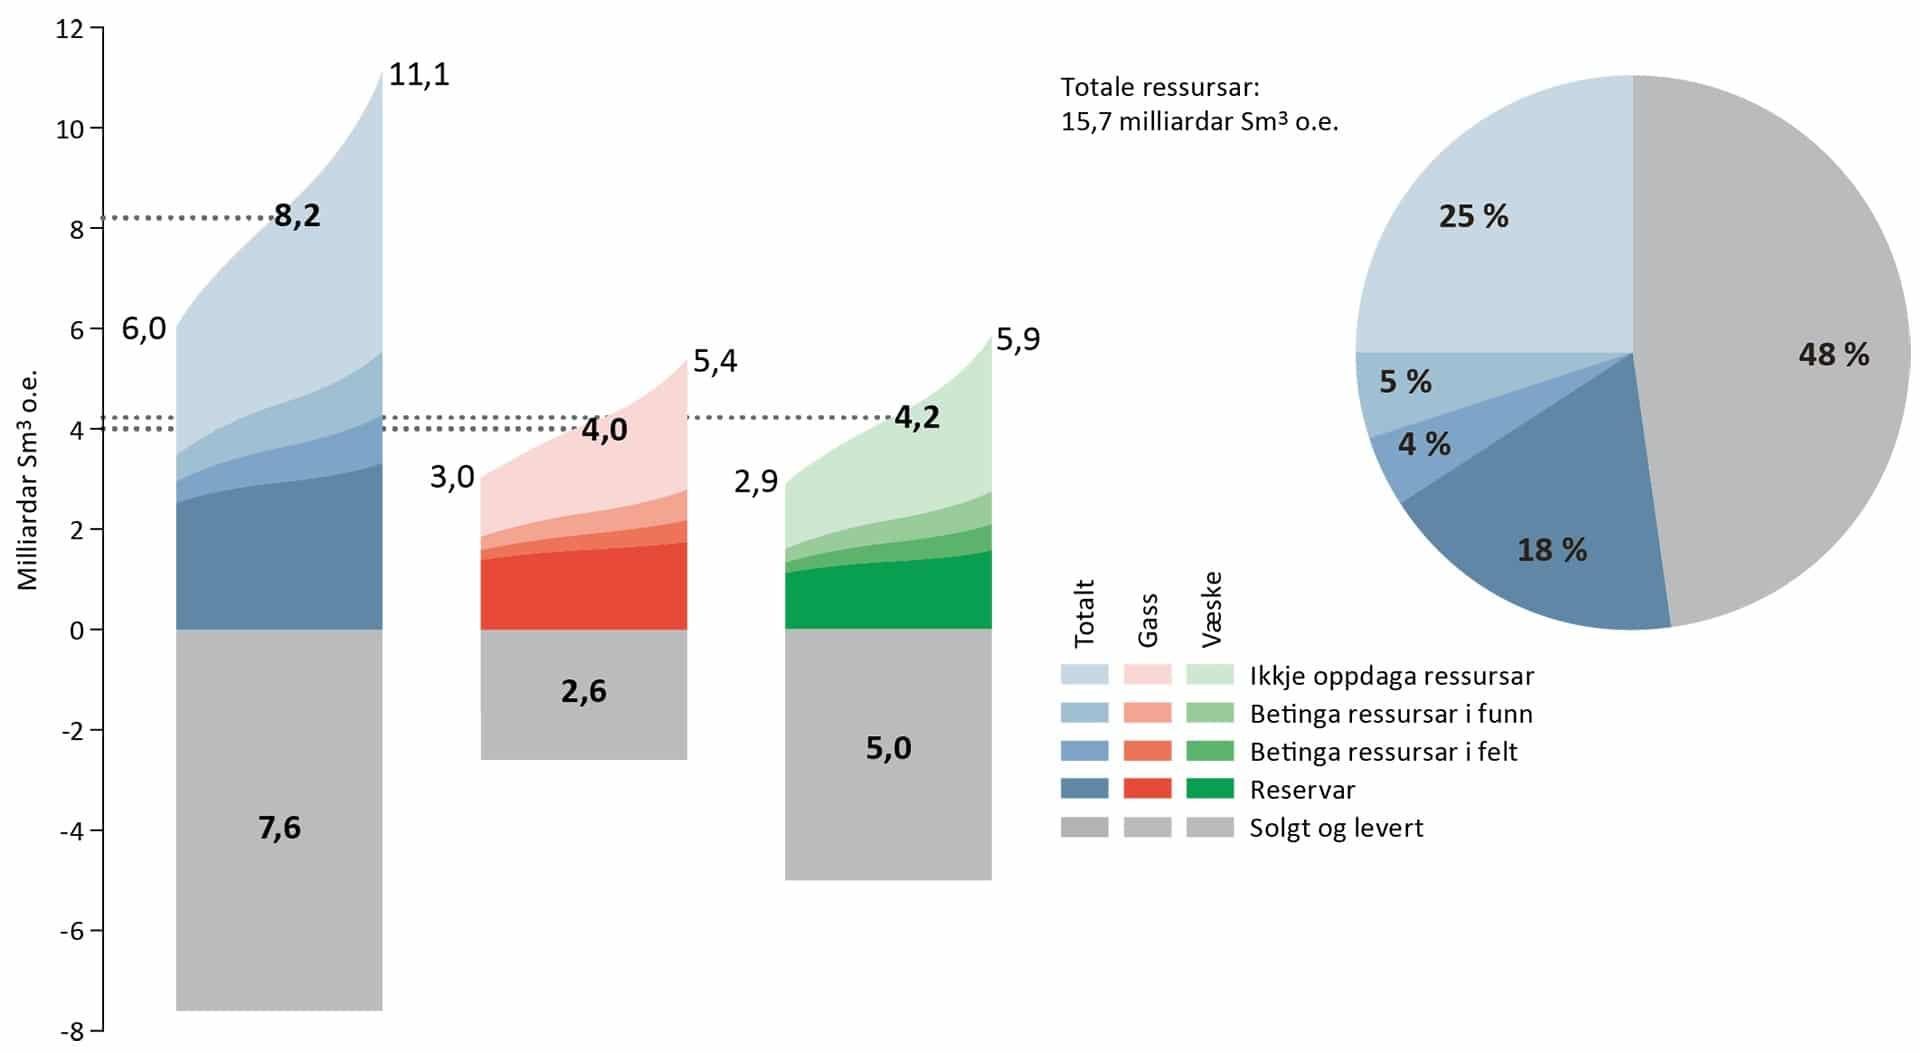 Olje- og gassressursene på norsk sokkel øker